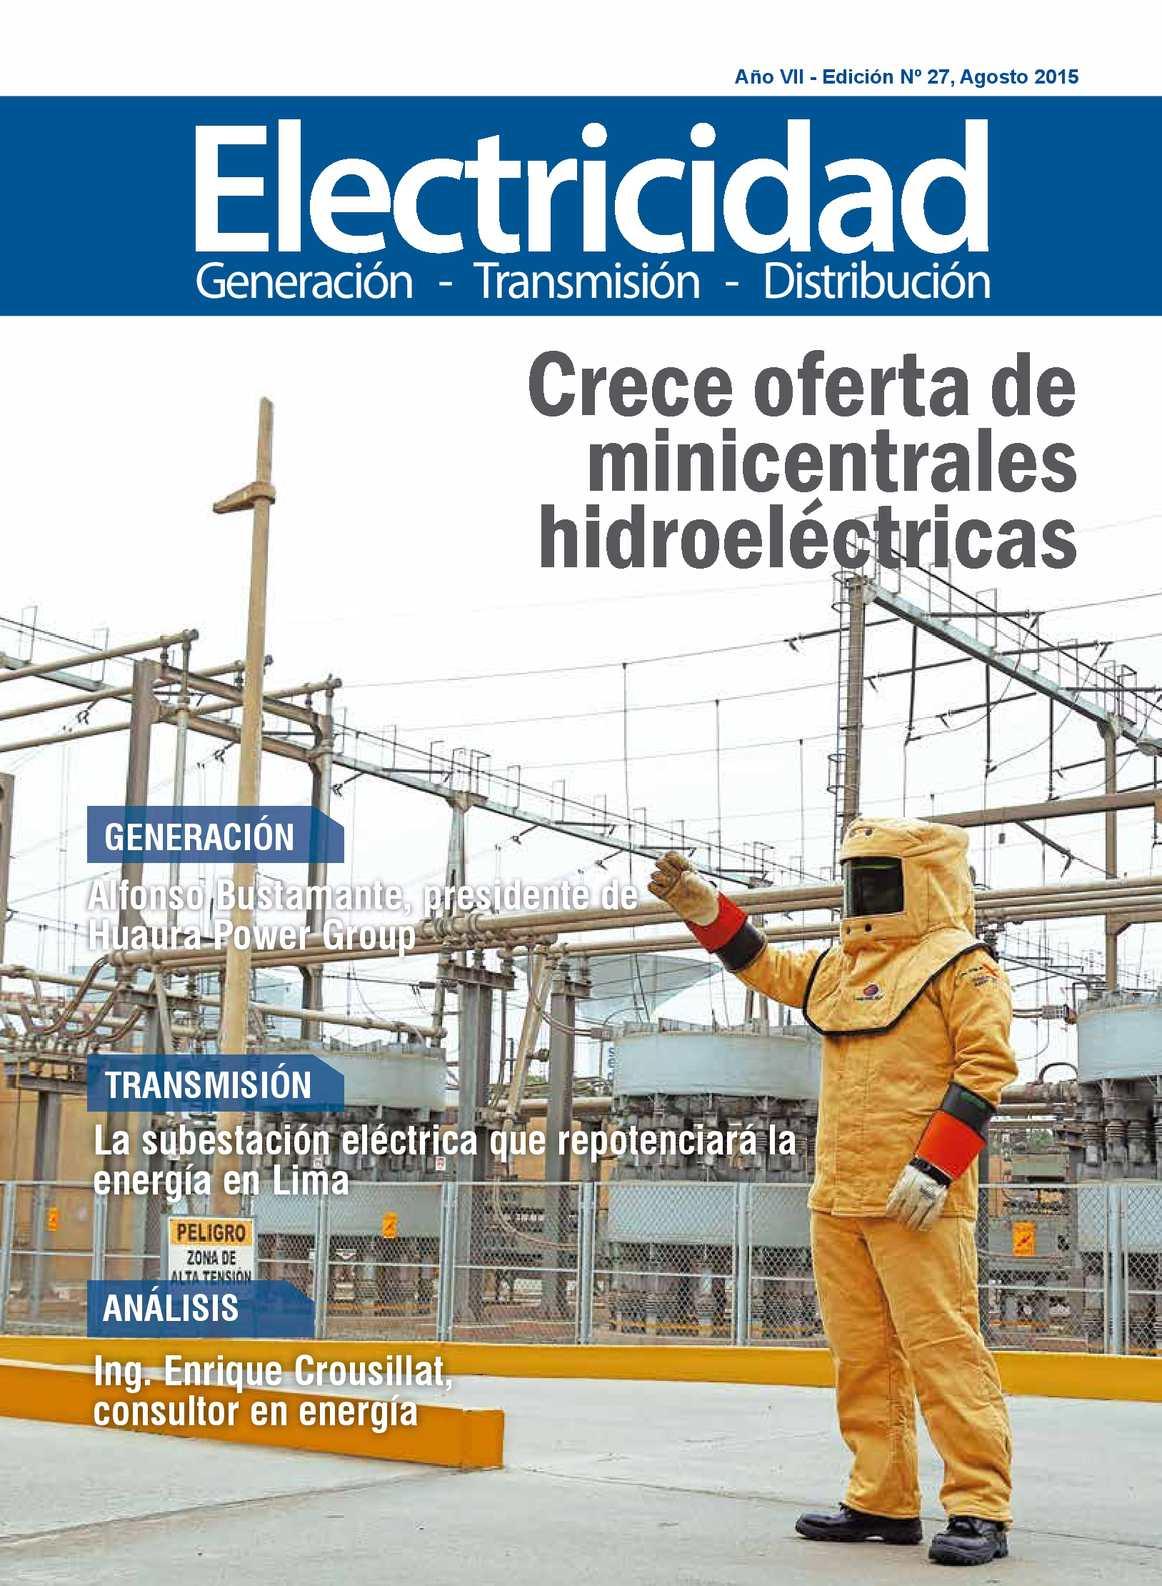 Calaméo - Revista Electricidad - Edición 27